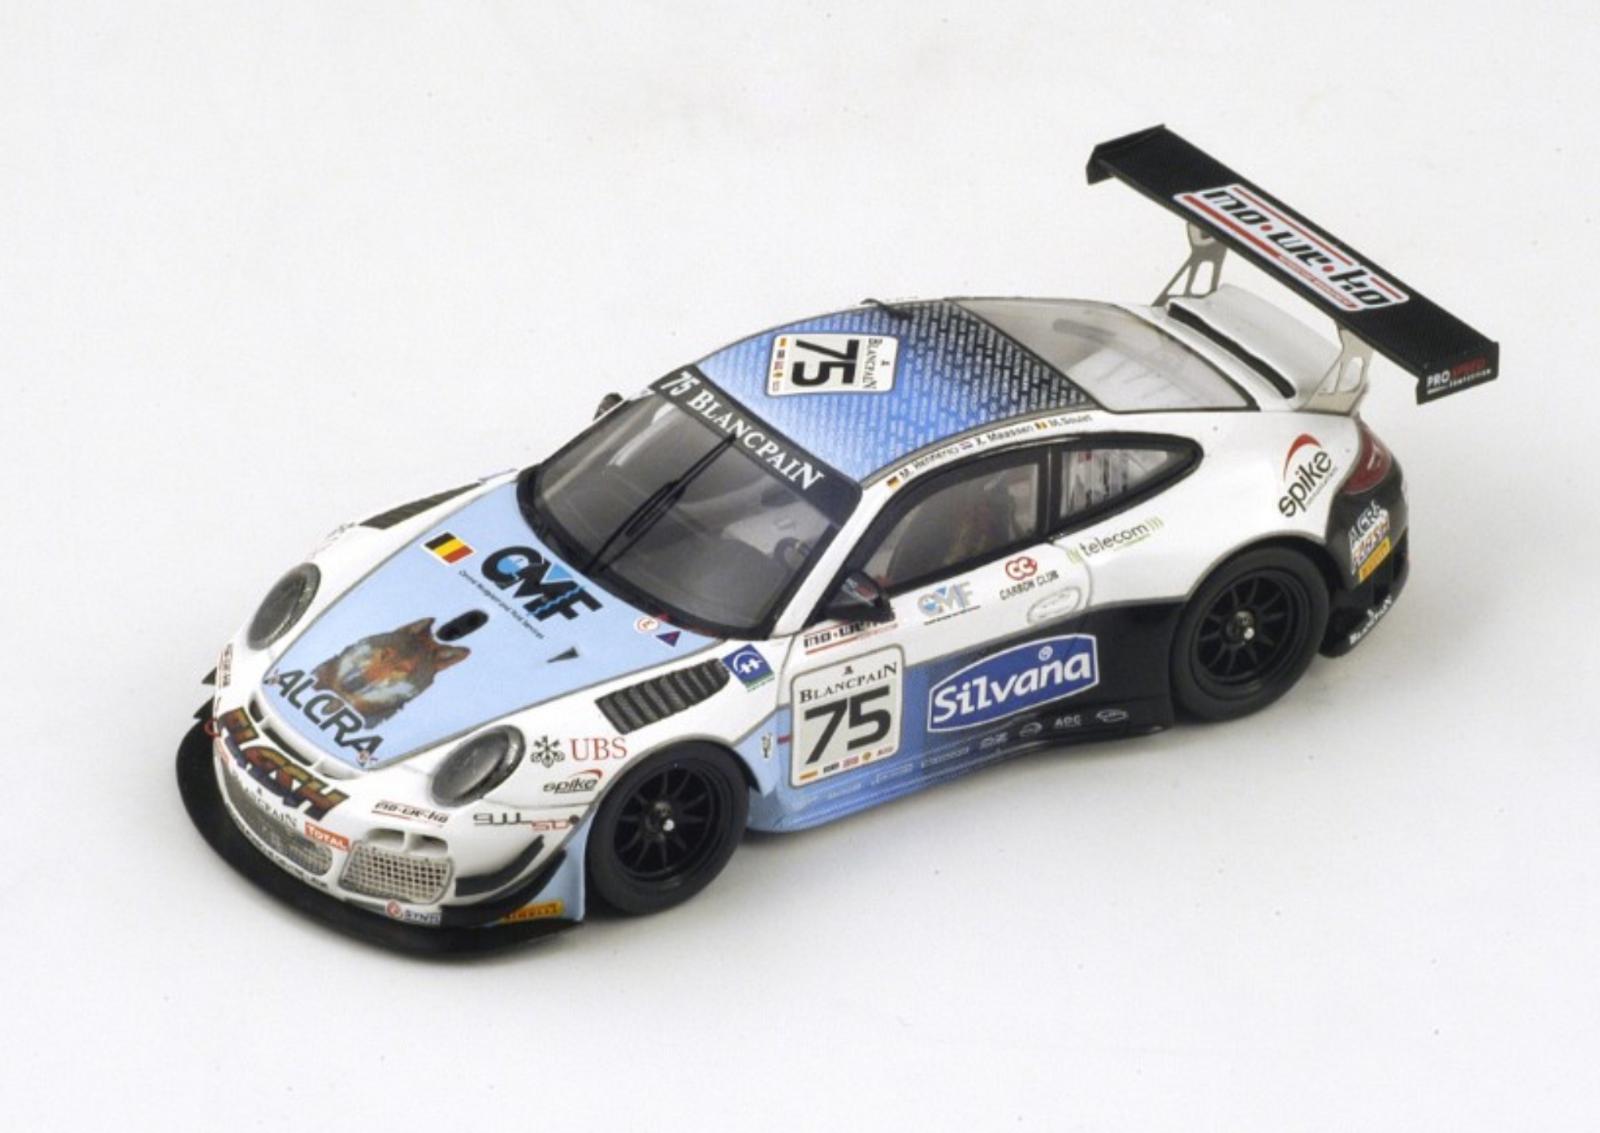 1 43 Porsche 911 n°75 Spa 2013 1 43 • SPARK SB042